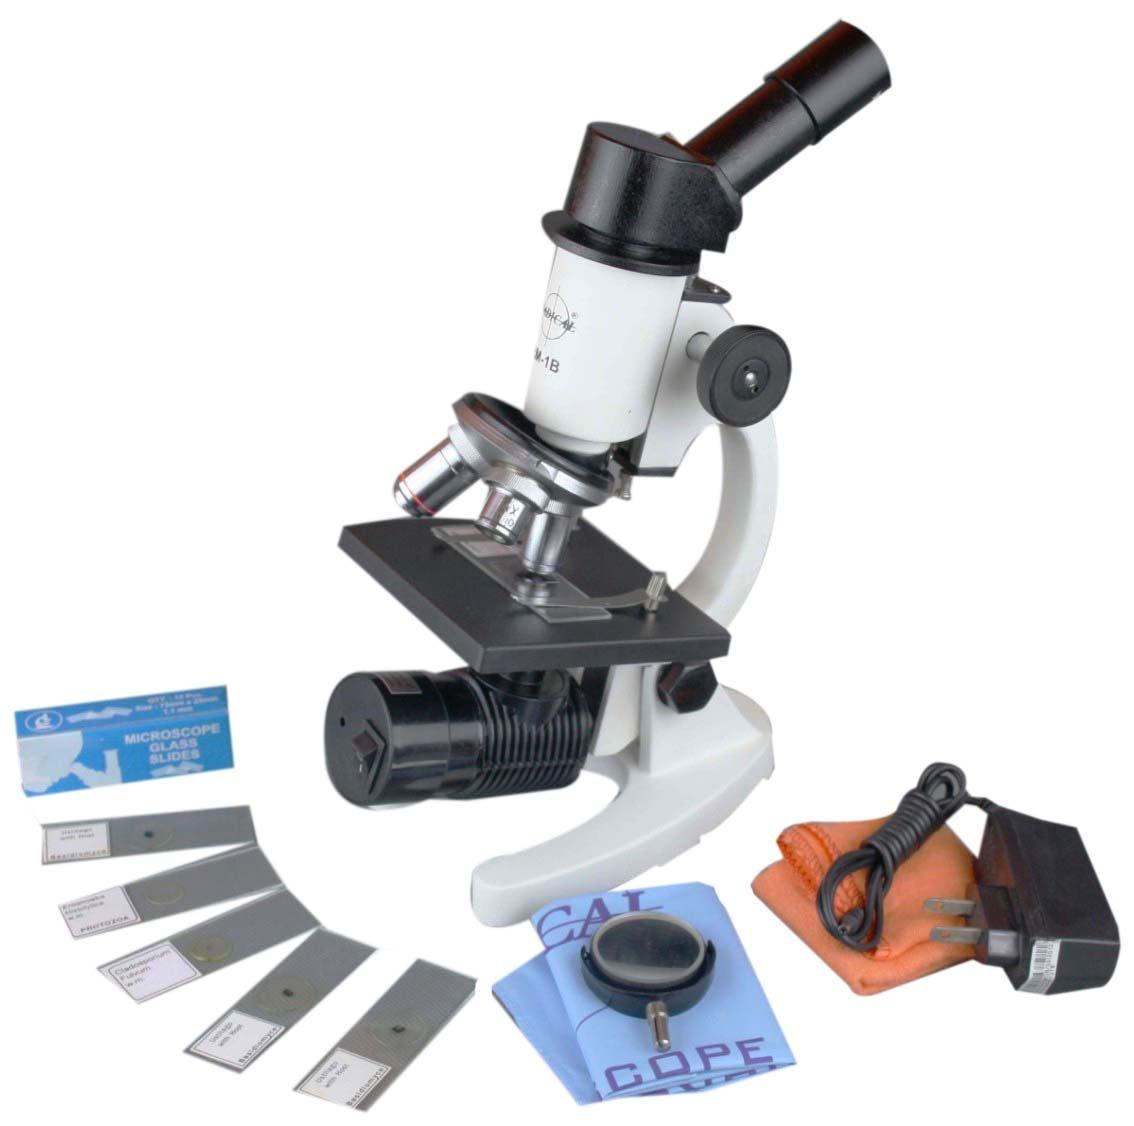 Radical 1000 x Compound Student Mikroskop w aufladbare Kabellose LED Lampe, 5 bereit und 12 Blanko Slide B014AZS1GK | Economy  | Deutschland Shops  | Kaufen Sie beruhigt und glücklich spielen